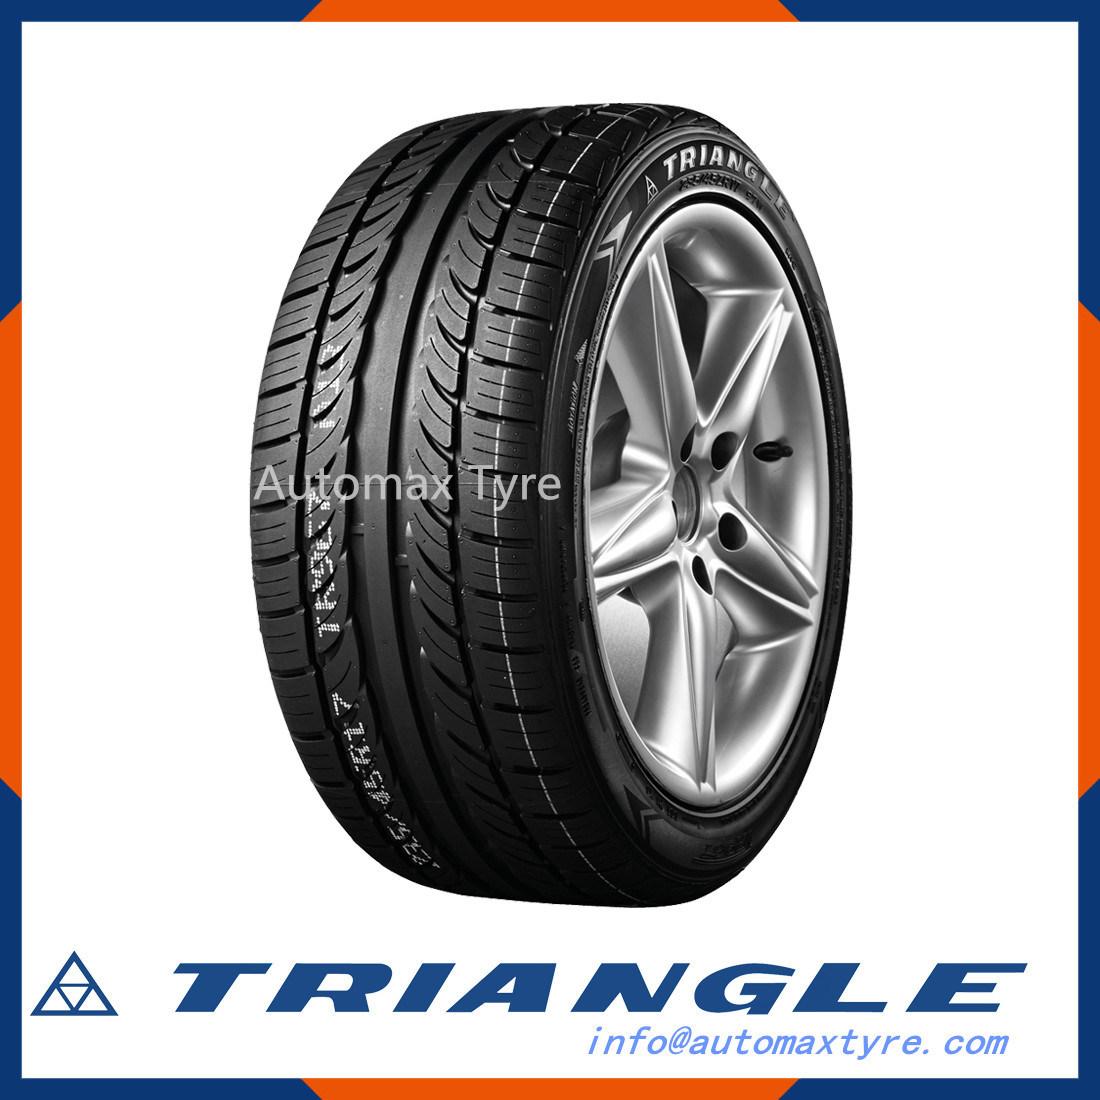 205/55r16 225/45r17 235/50r17 235/40r18 245/45r18 245/40r18 235/35r19 245/40r9 245/35r20 Triangle Tr967 Winter Performance Car Tire